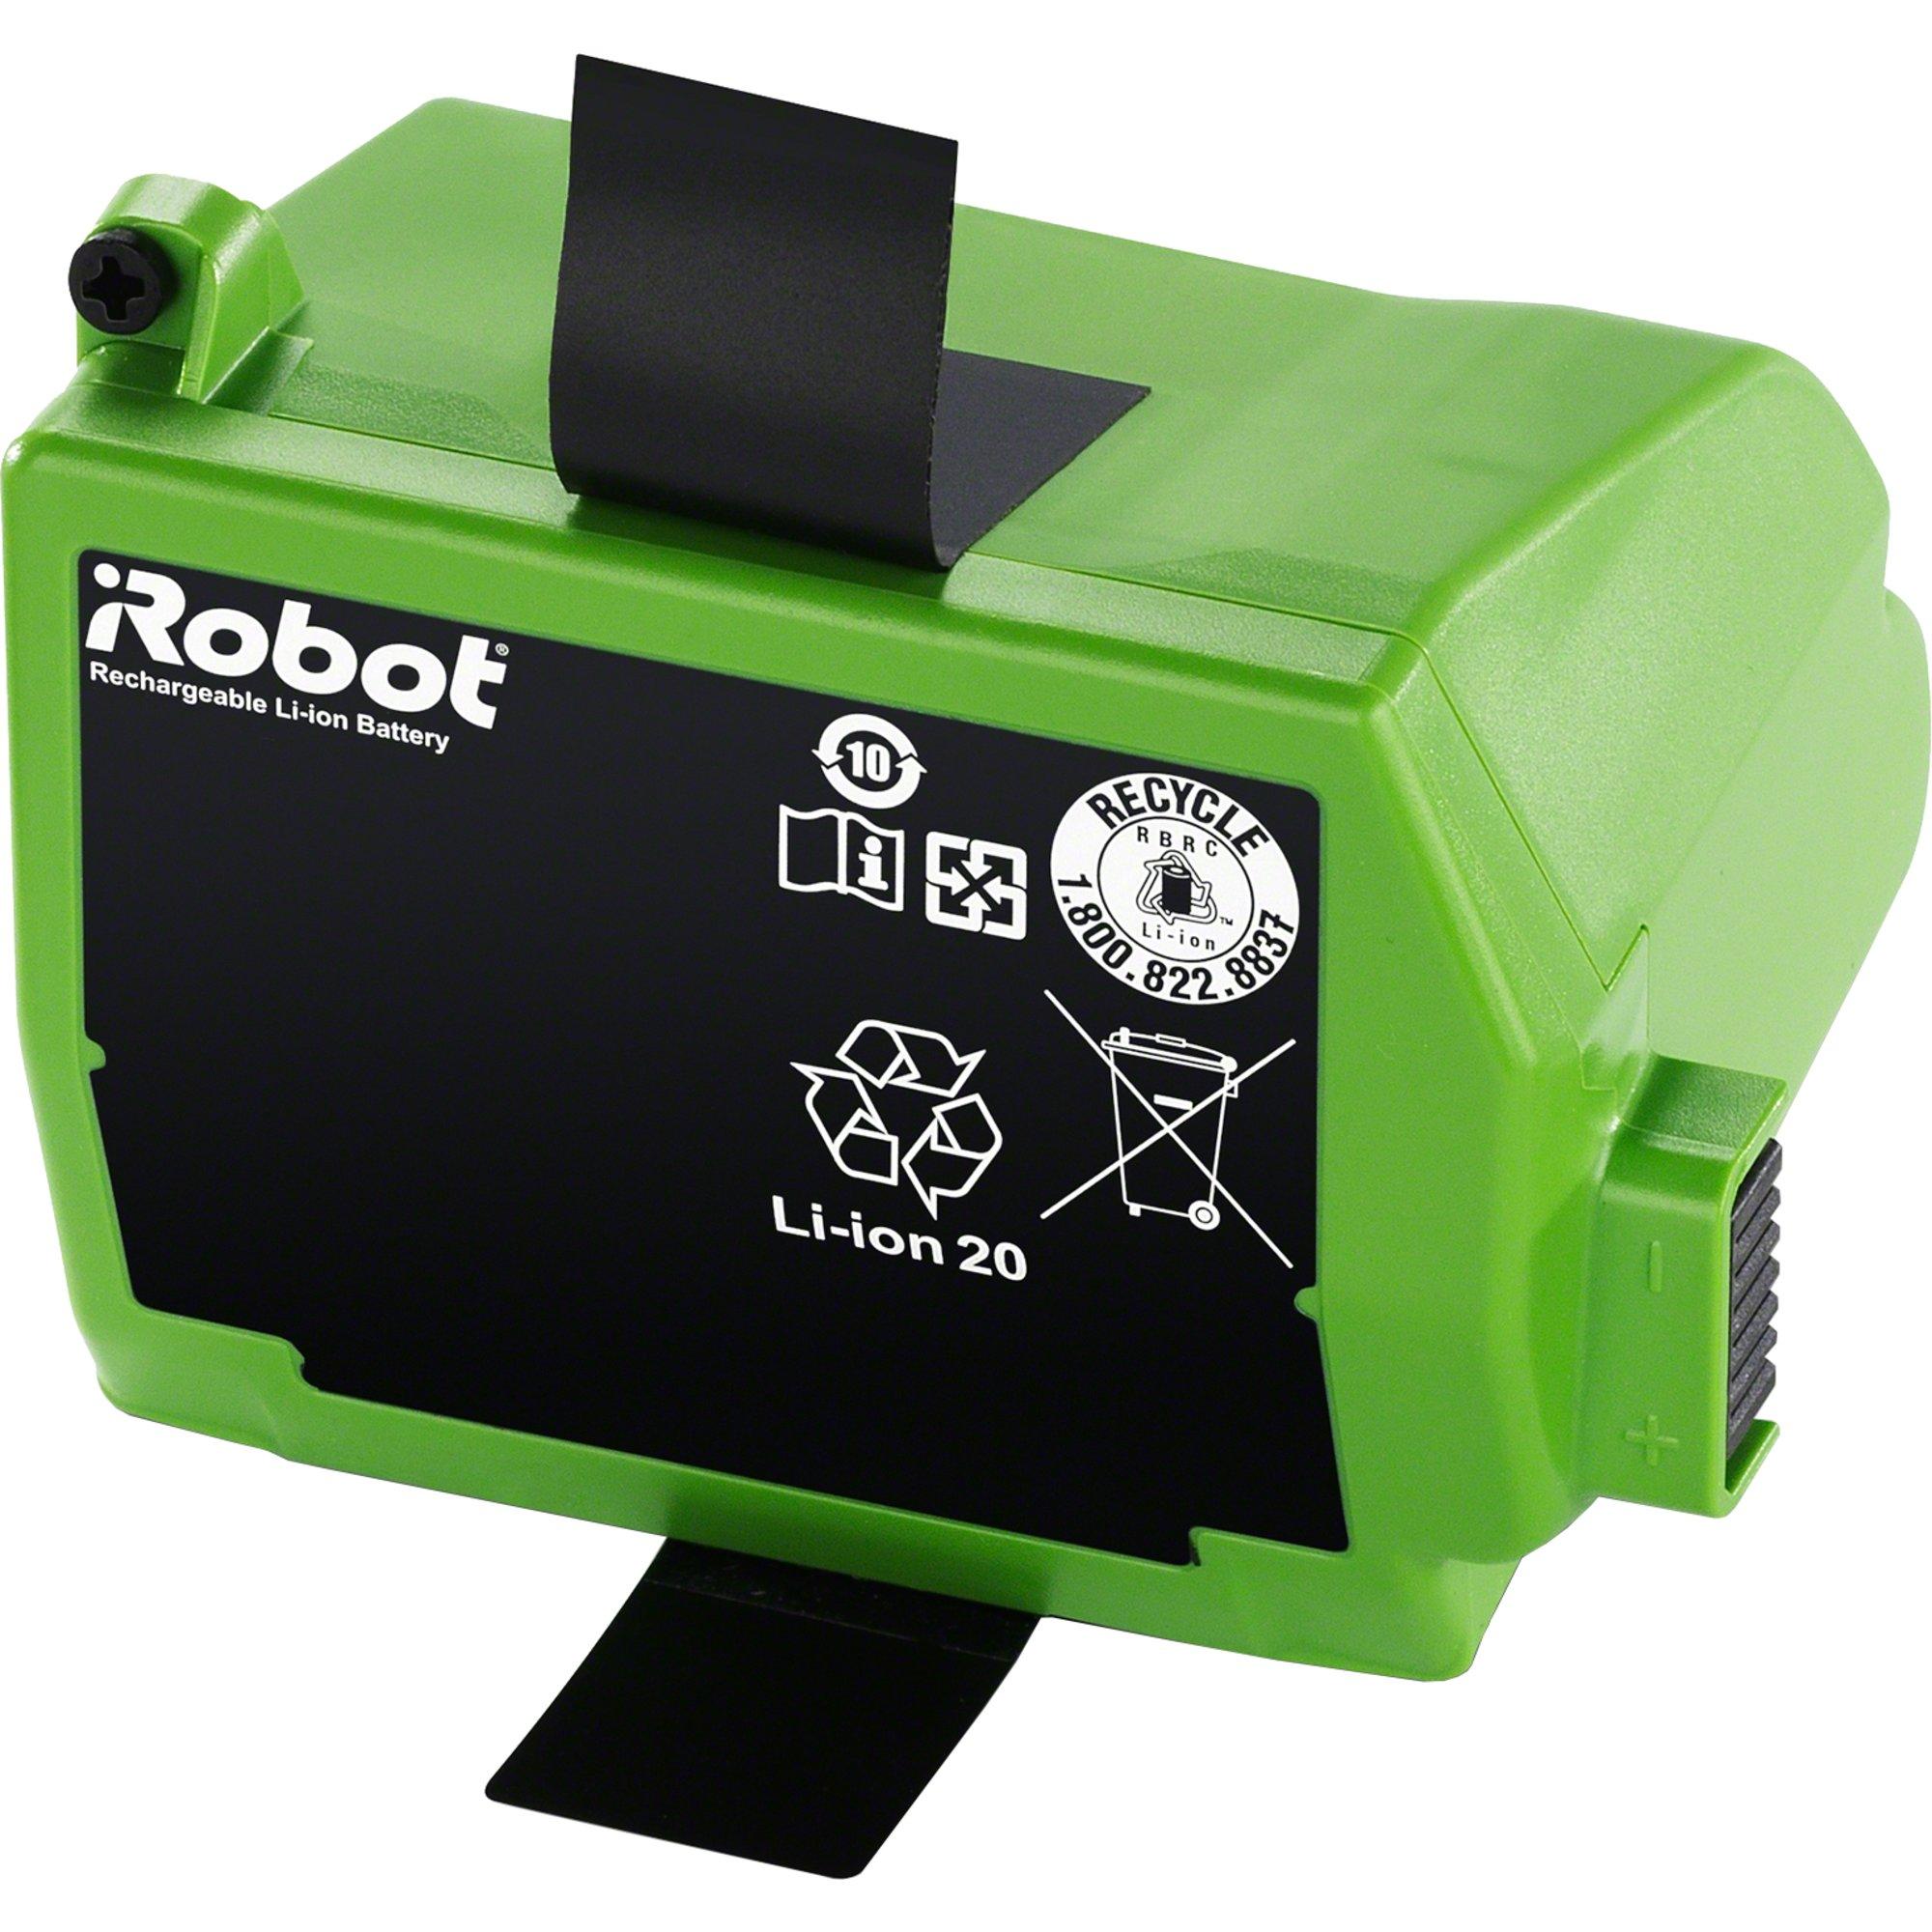 iRobot Roomba Li-Ion batteri S9